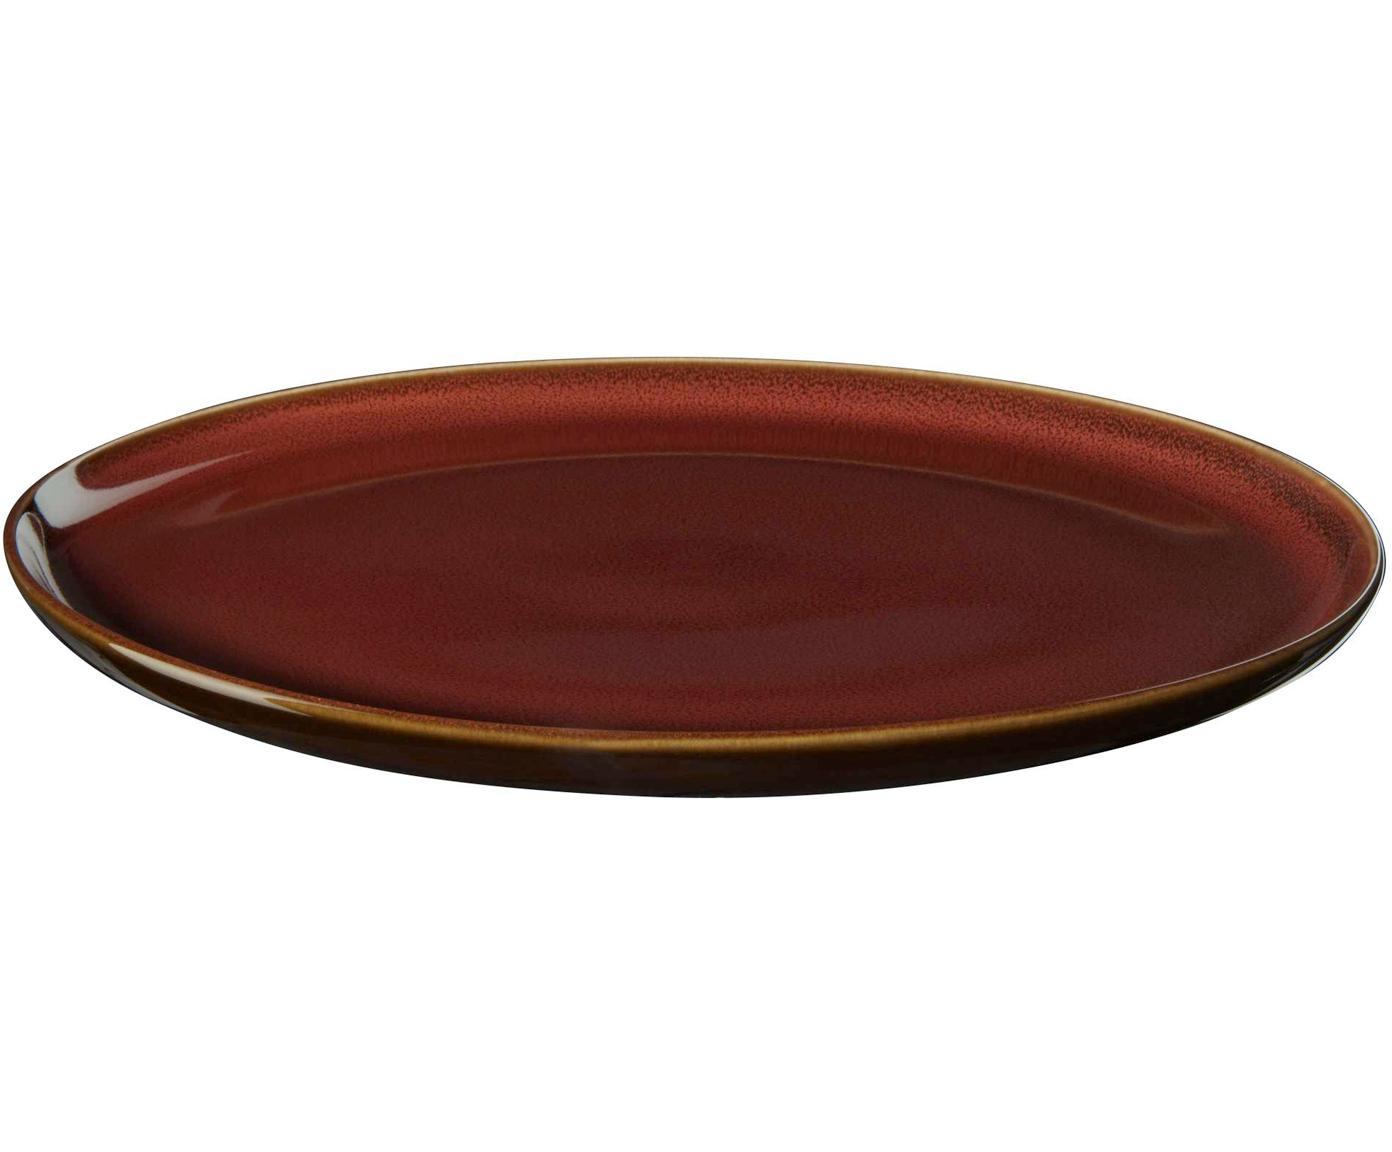 Speiseteller Kolibri in Rostrot, 6 Stück, Porzellan, Rostrot, Braun, Ø 27 cm